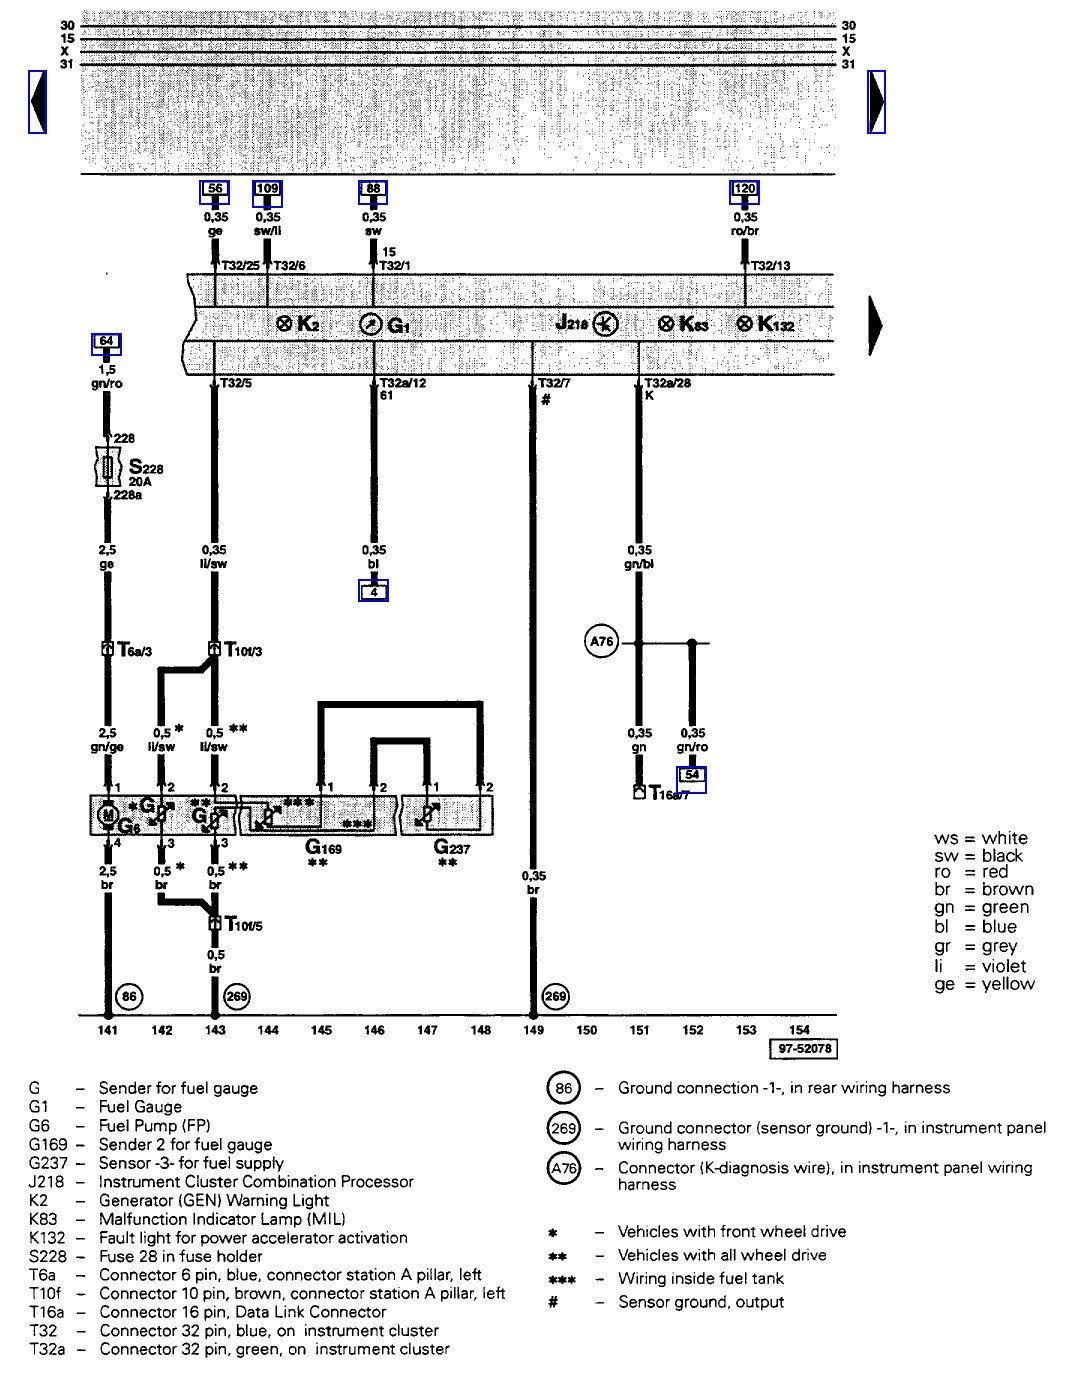 audi symphony 2 wiring diagram ym 1577  wiring diagram for audi tt schematic wiring  wiring diagram for audi tt schematic wiring